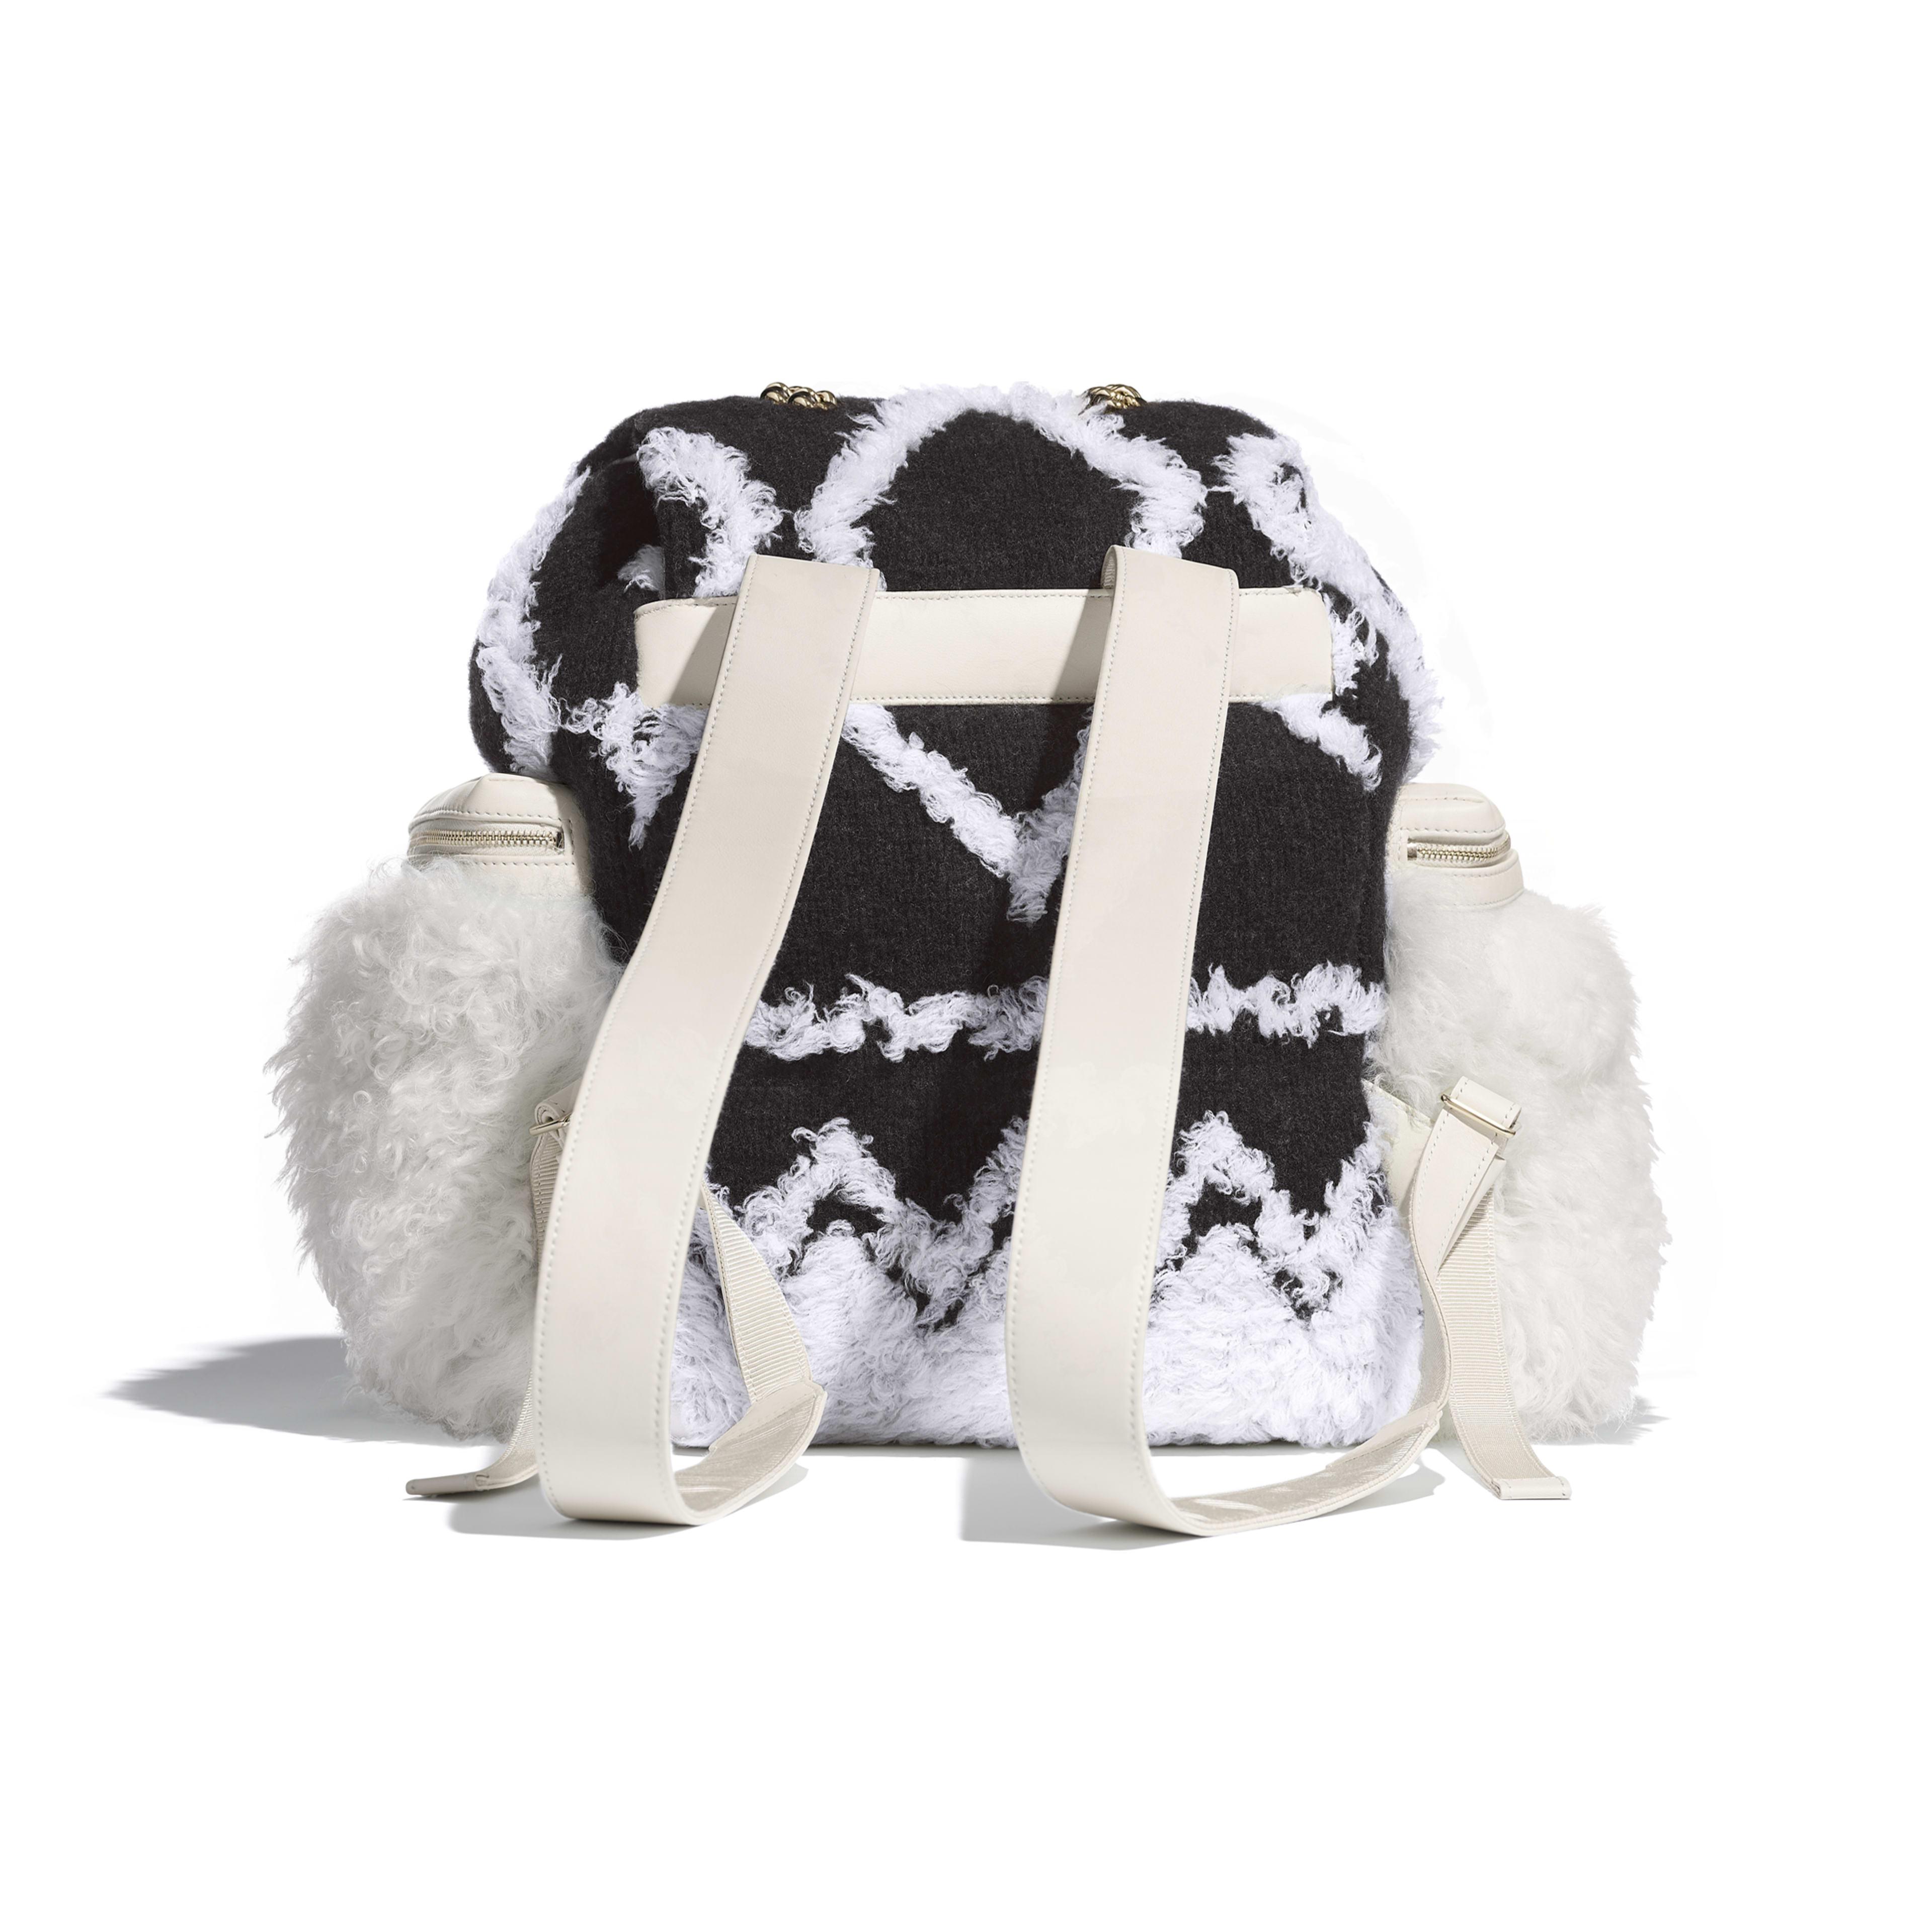 Рюкзак большого размера - Белый и черный - Шерсть, овчина и золотистый металл - Альтернативный вид - посмотреть полноразмерное изображение